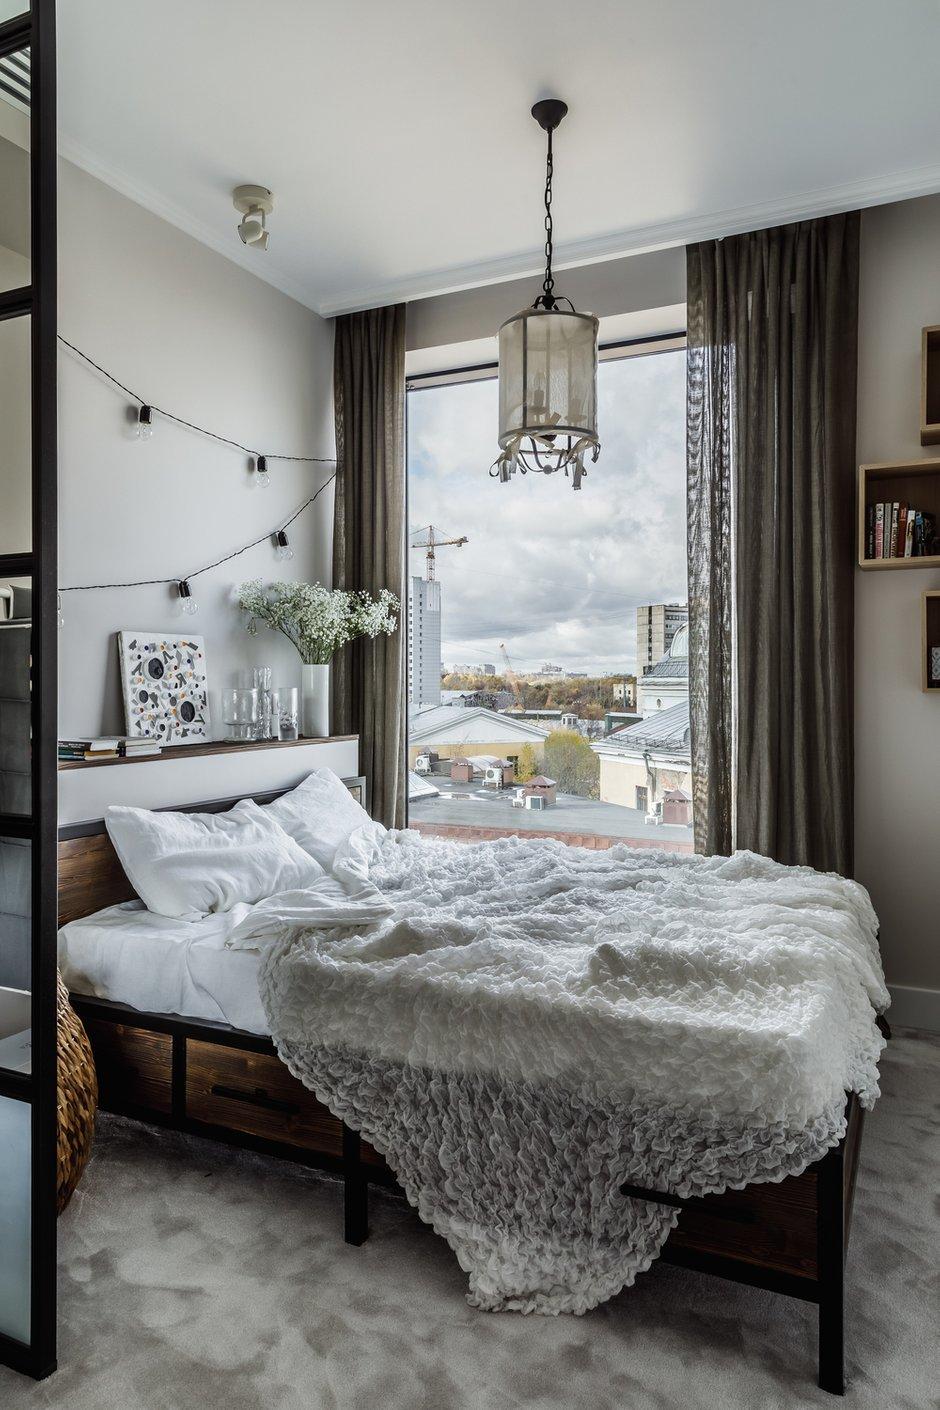 Фотография: Спальня в стиле Эклектика, Квартира, Проект недели, Москва, 3 комнаты, 60-90 метров, Анастасия Струве – фото на INMYROOM